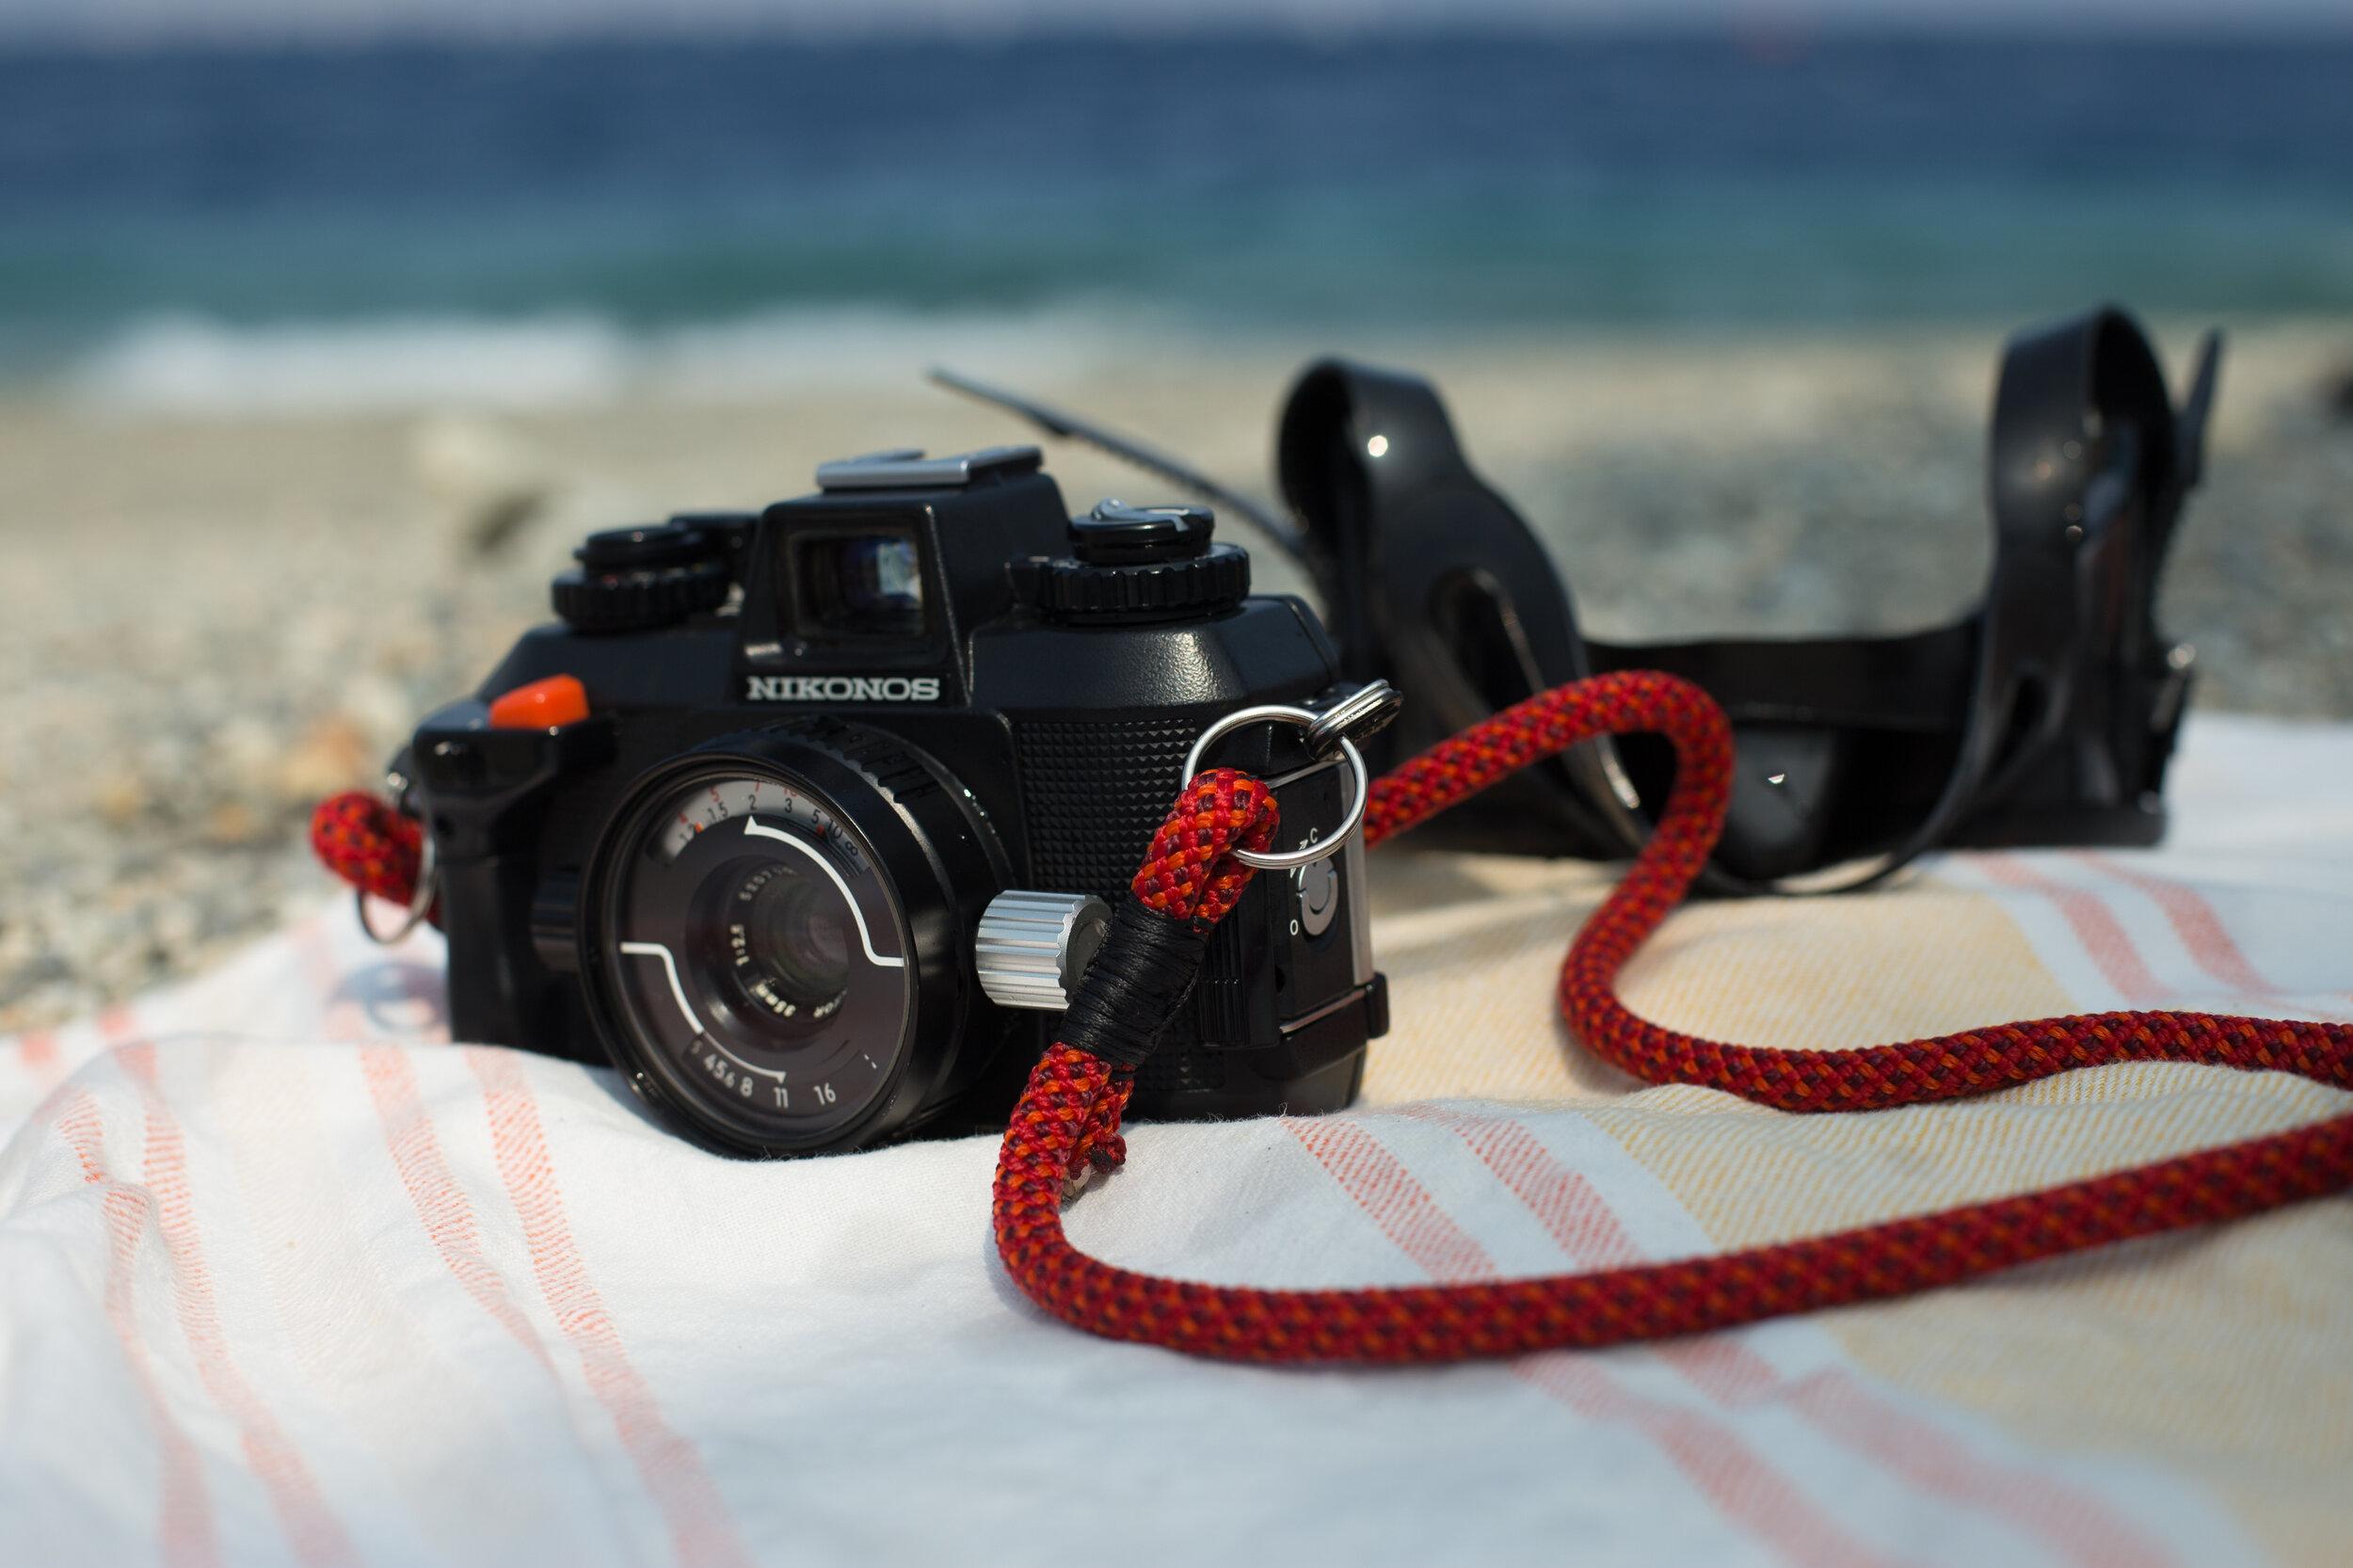 Nikonos_camera.jpg